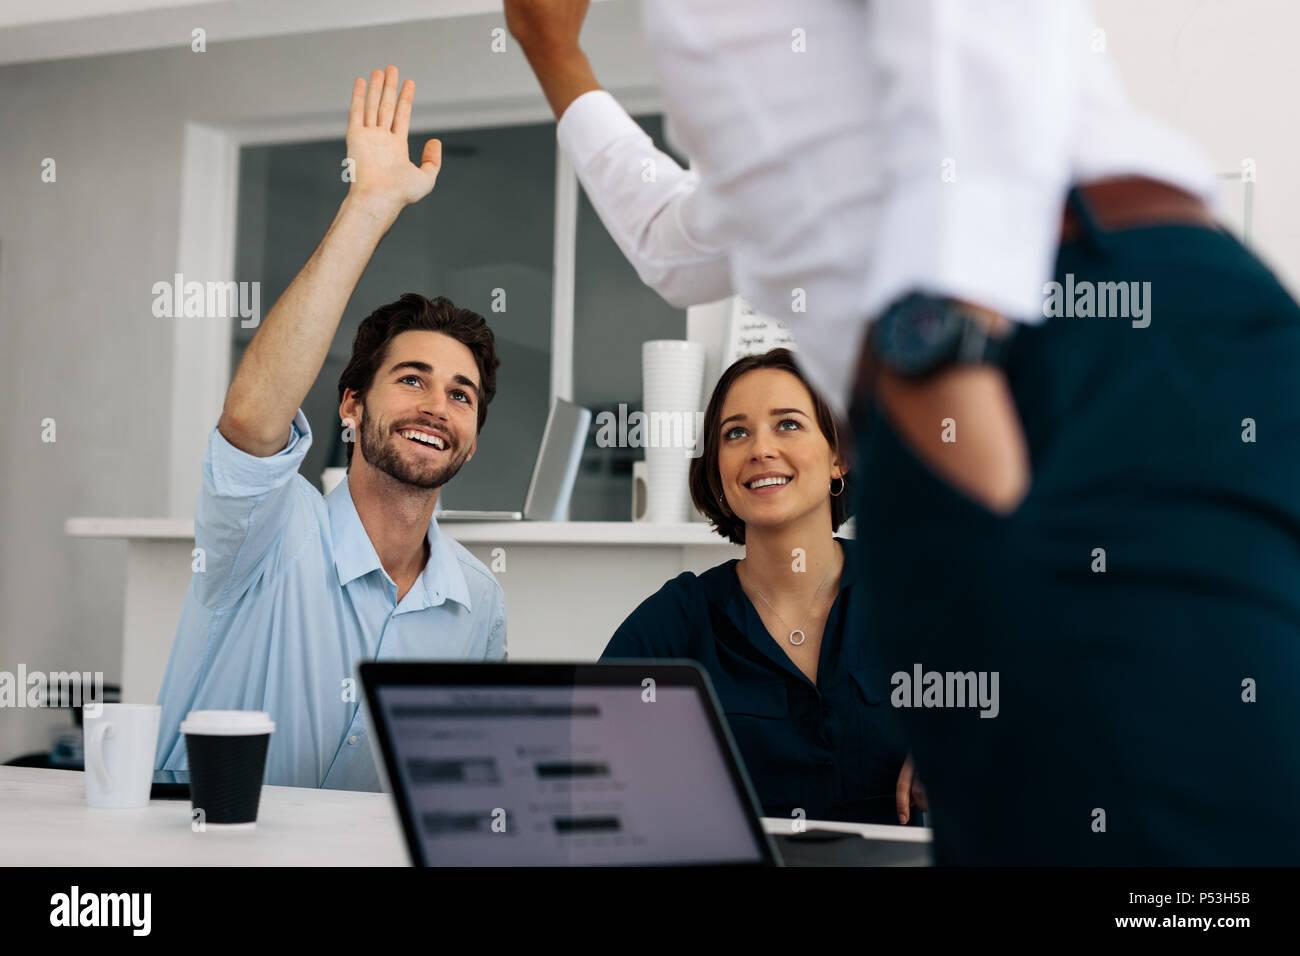 Los compañeros de negocio dando una alta cinco sentados en la mesa de conferencias. Los desarrolladores de aplicaciones discutiendo trabaje sentado en la sala de reunión. Imagen De Stock